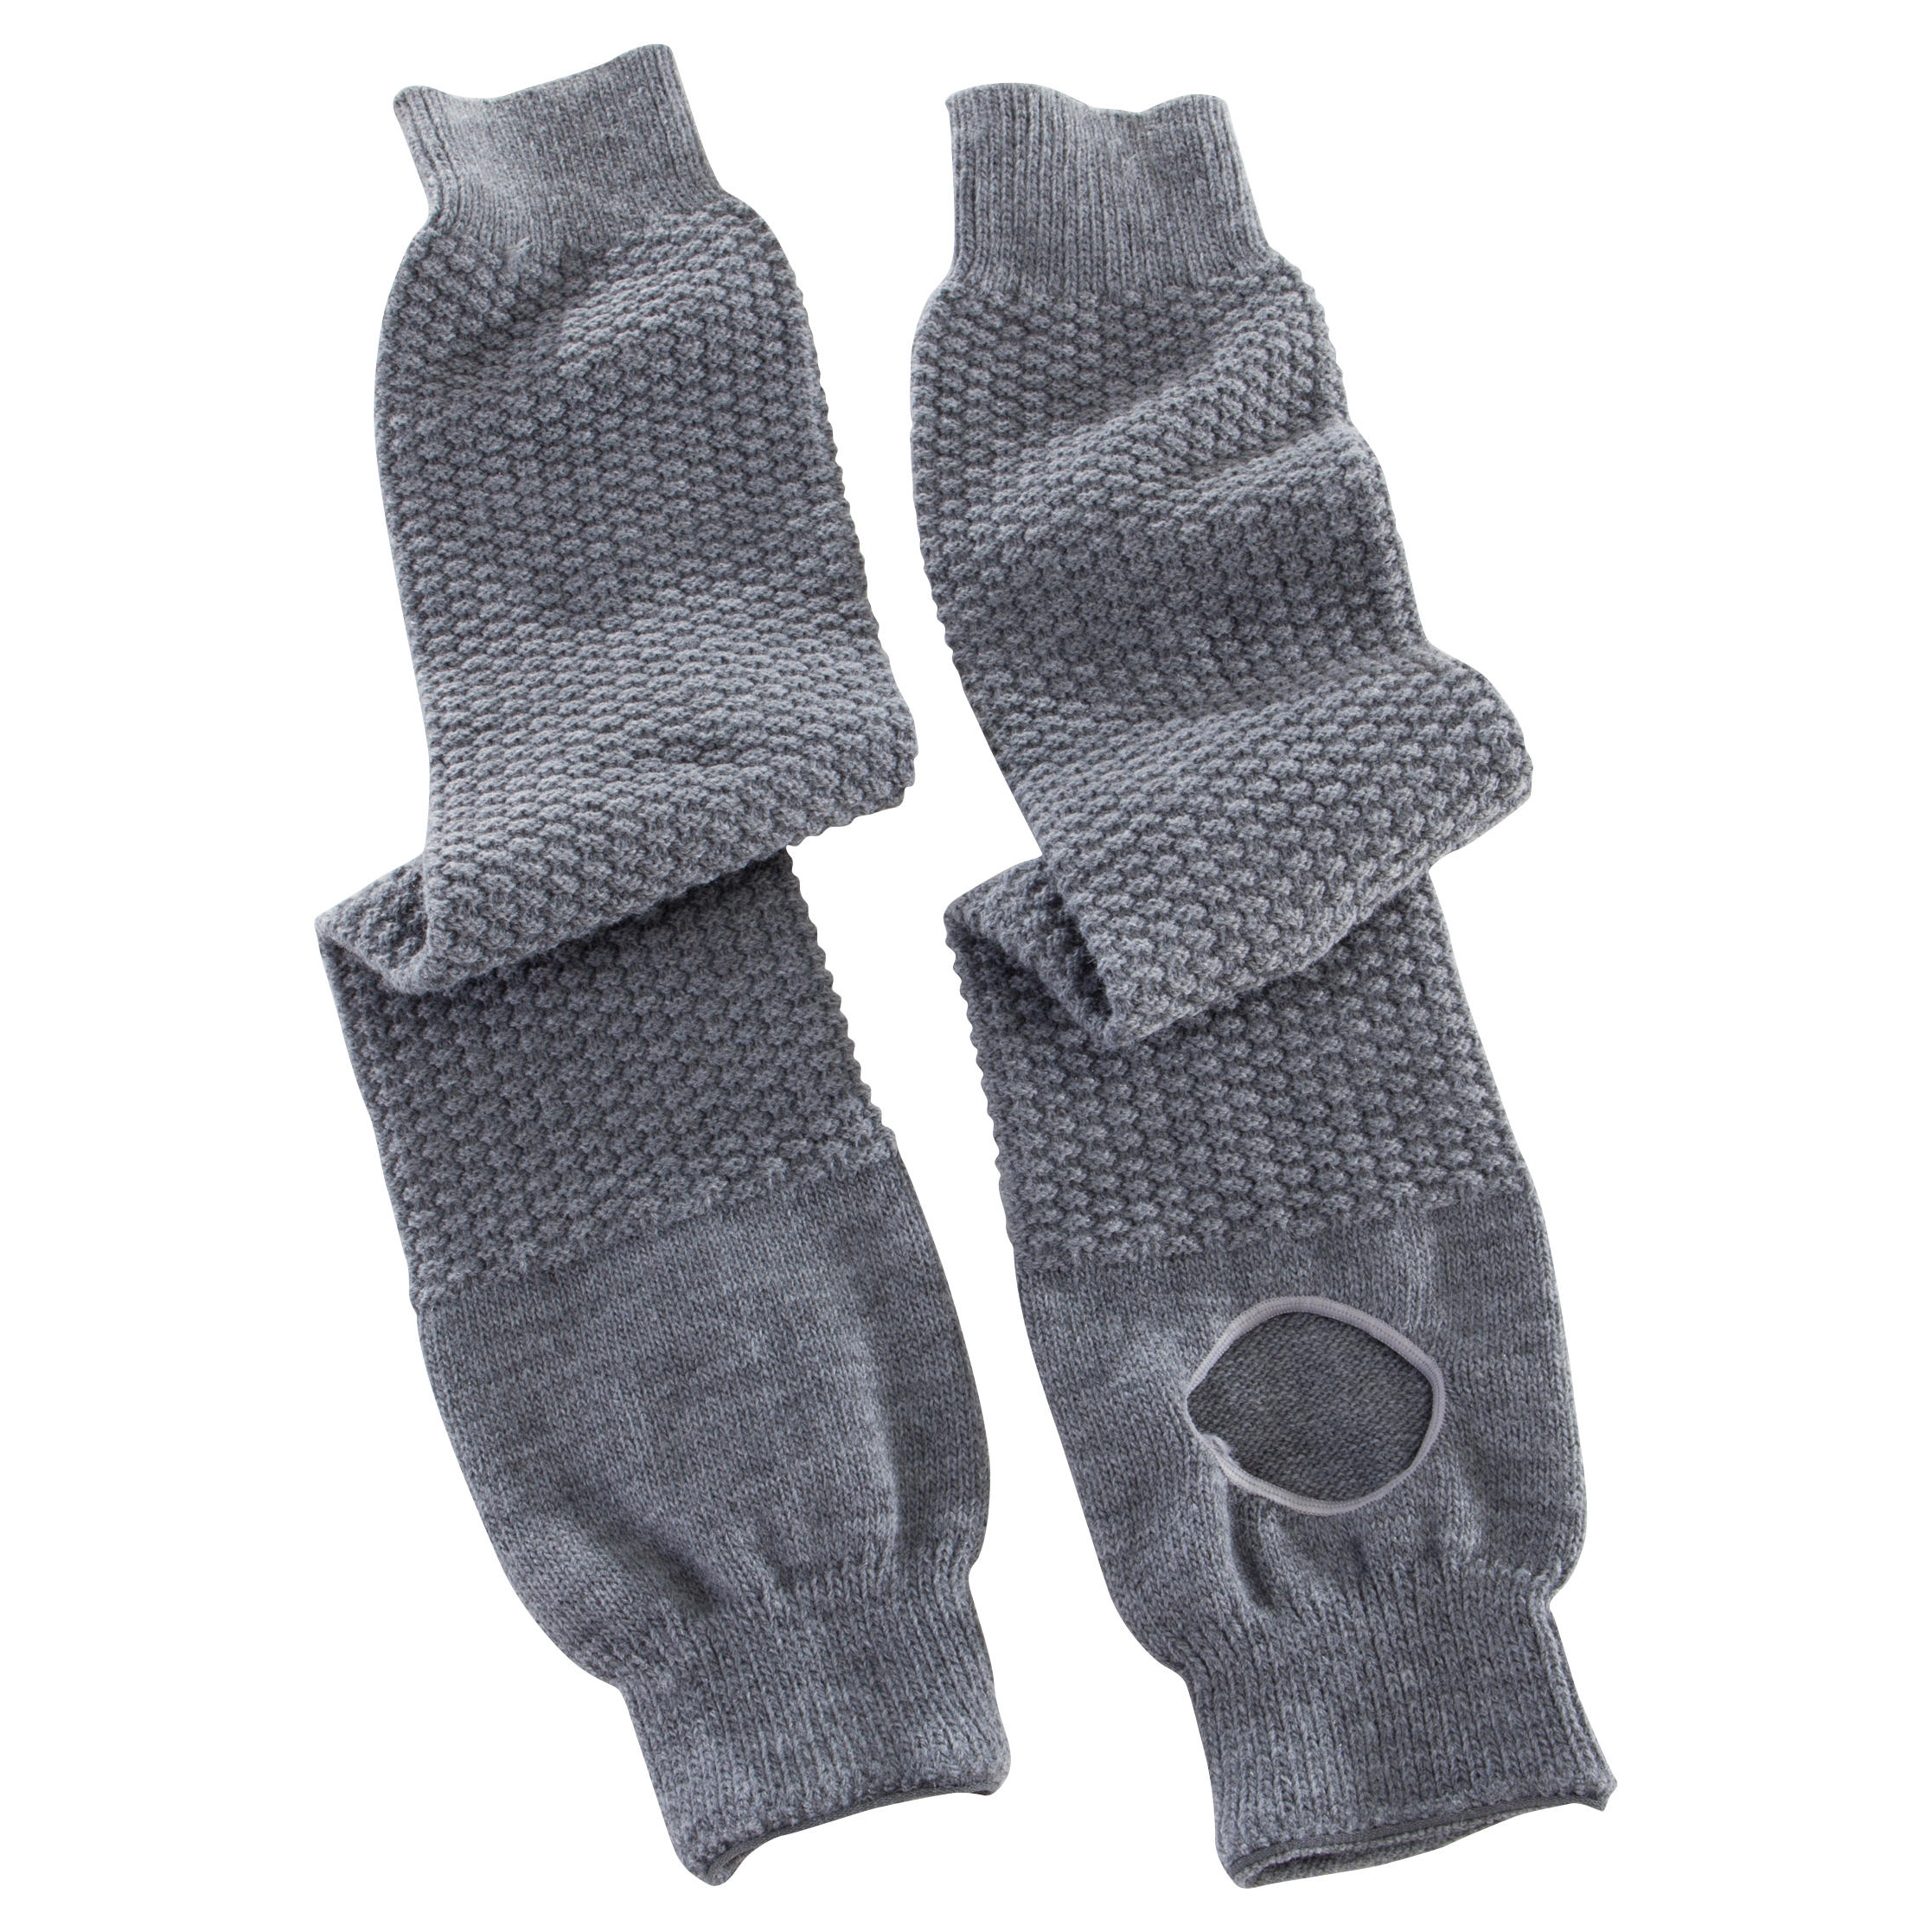 Calentadores mujer grises